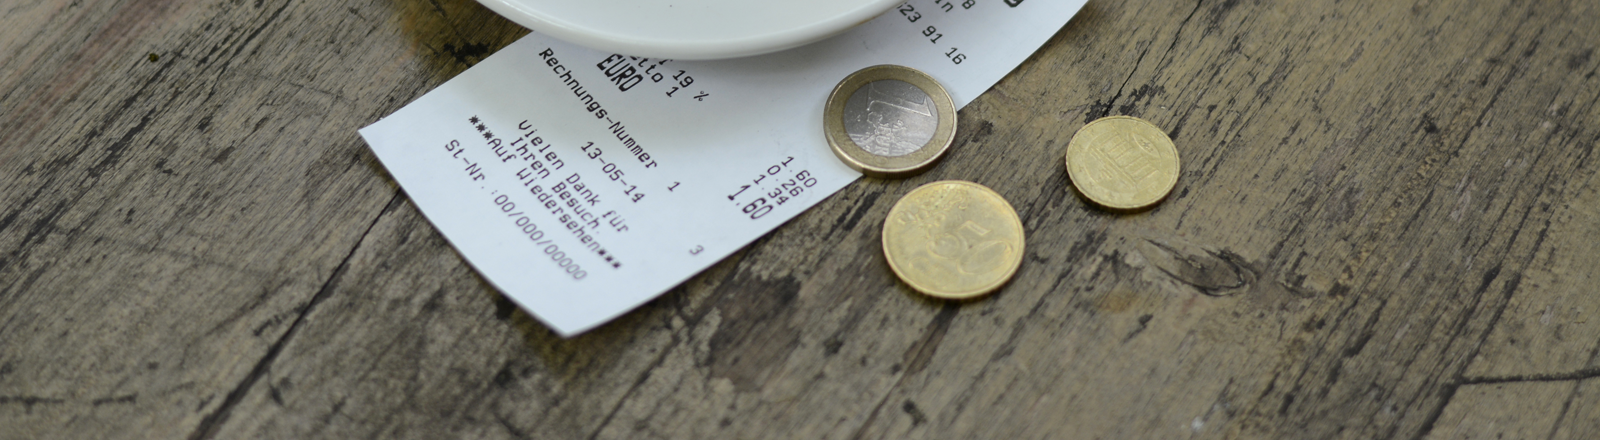 Unter einer Espresso-Tasse liegt ein Kassenbon, daneben Geld